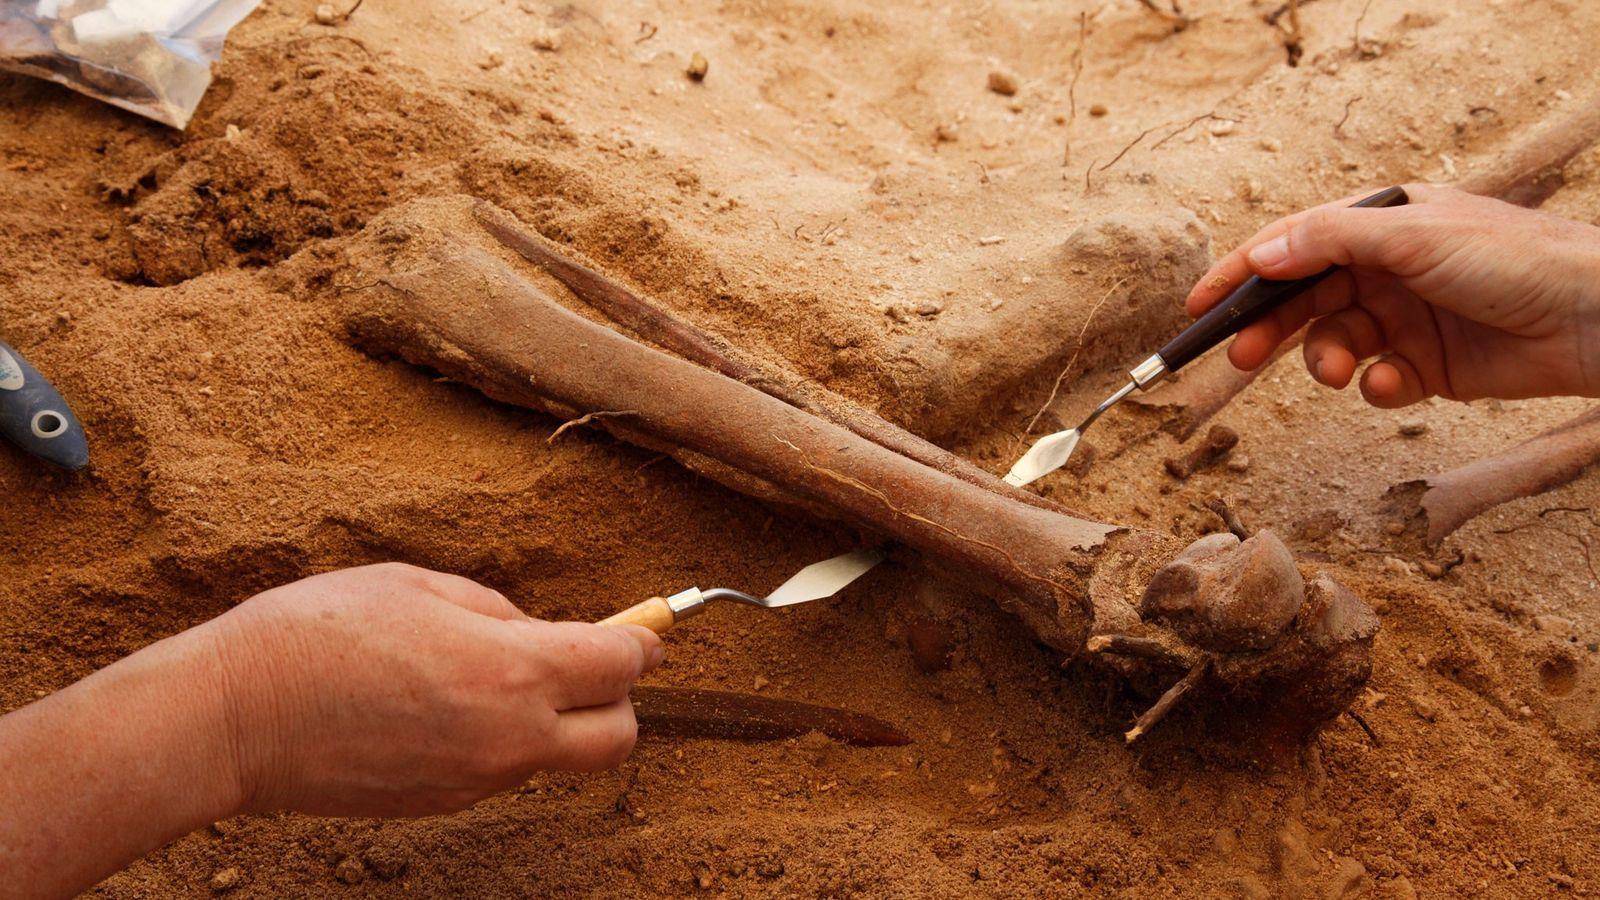 Archäologen hoffen, dass weitere Untersuchungen des circa 400 Jahre alten Schiffswracks der Batavia und der Meuterei ...